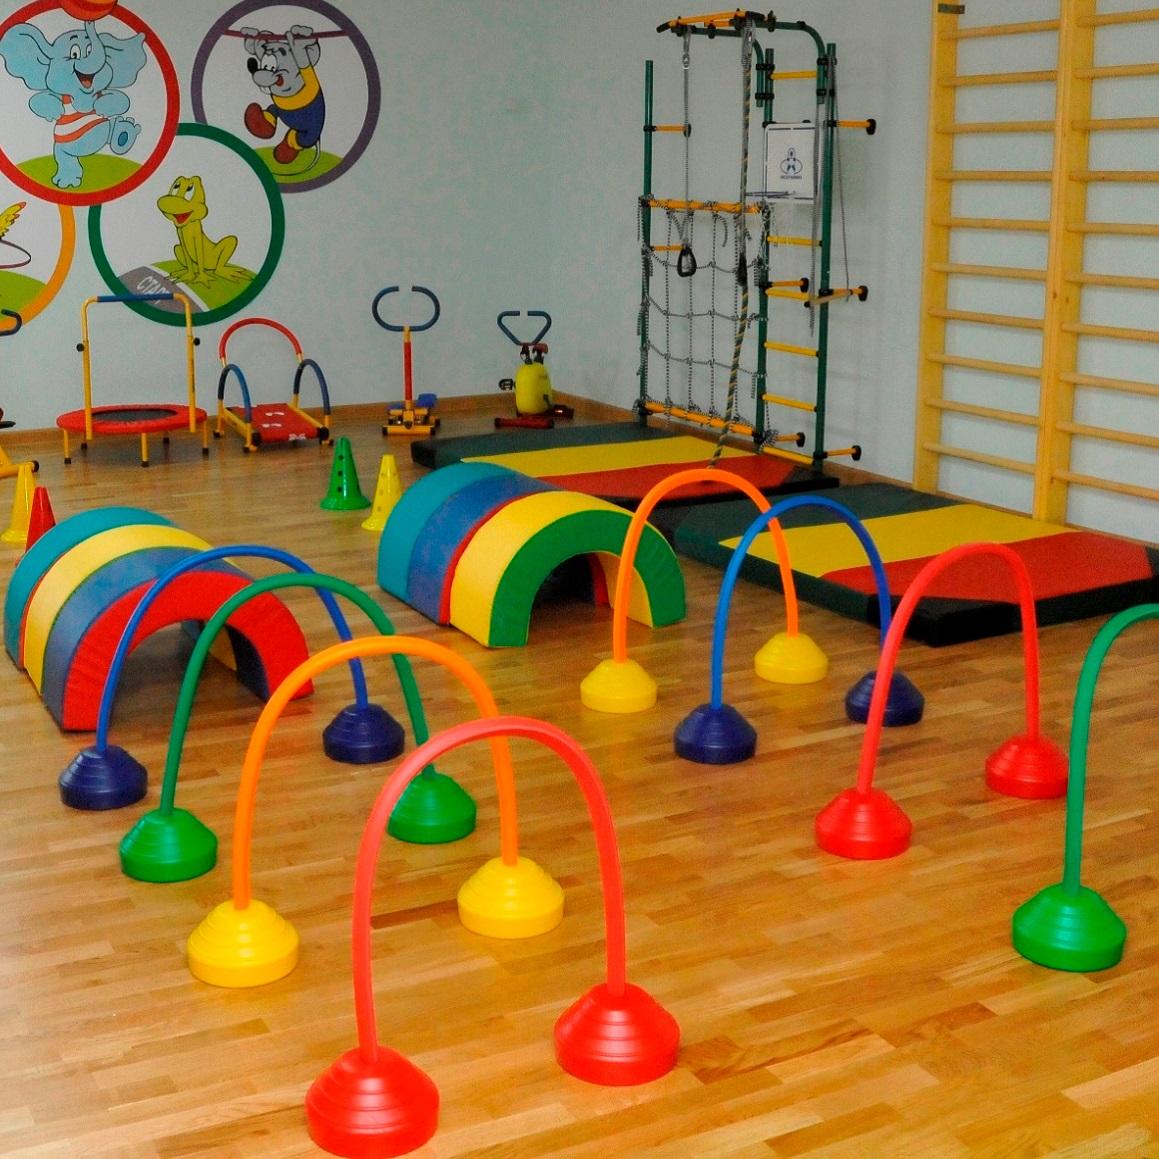 Спортивное оборудование для детских садов на улице своими руками фото 252